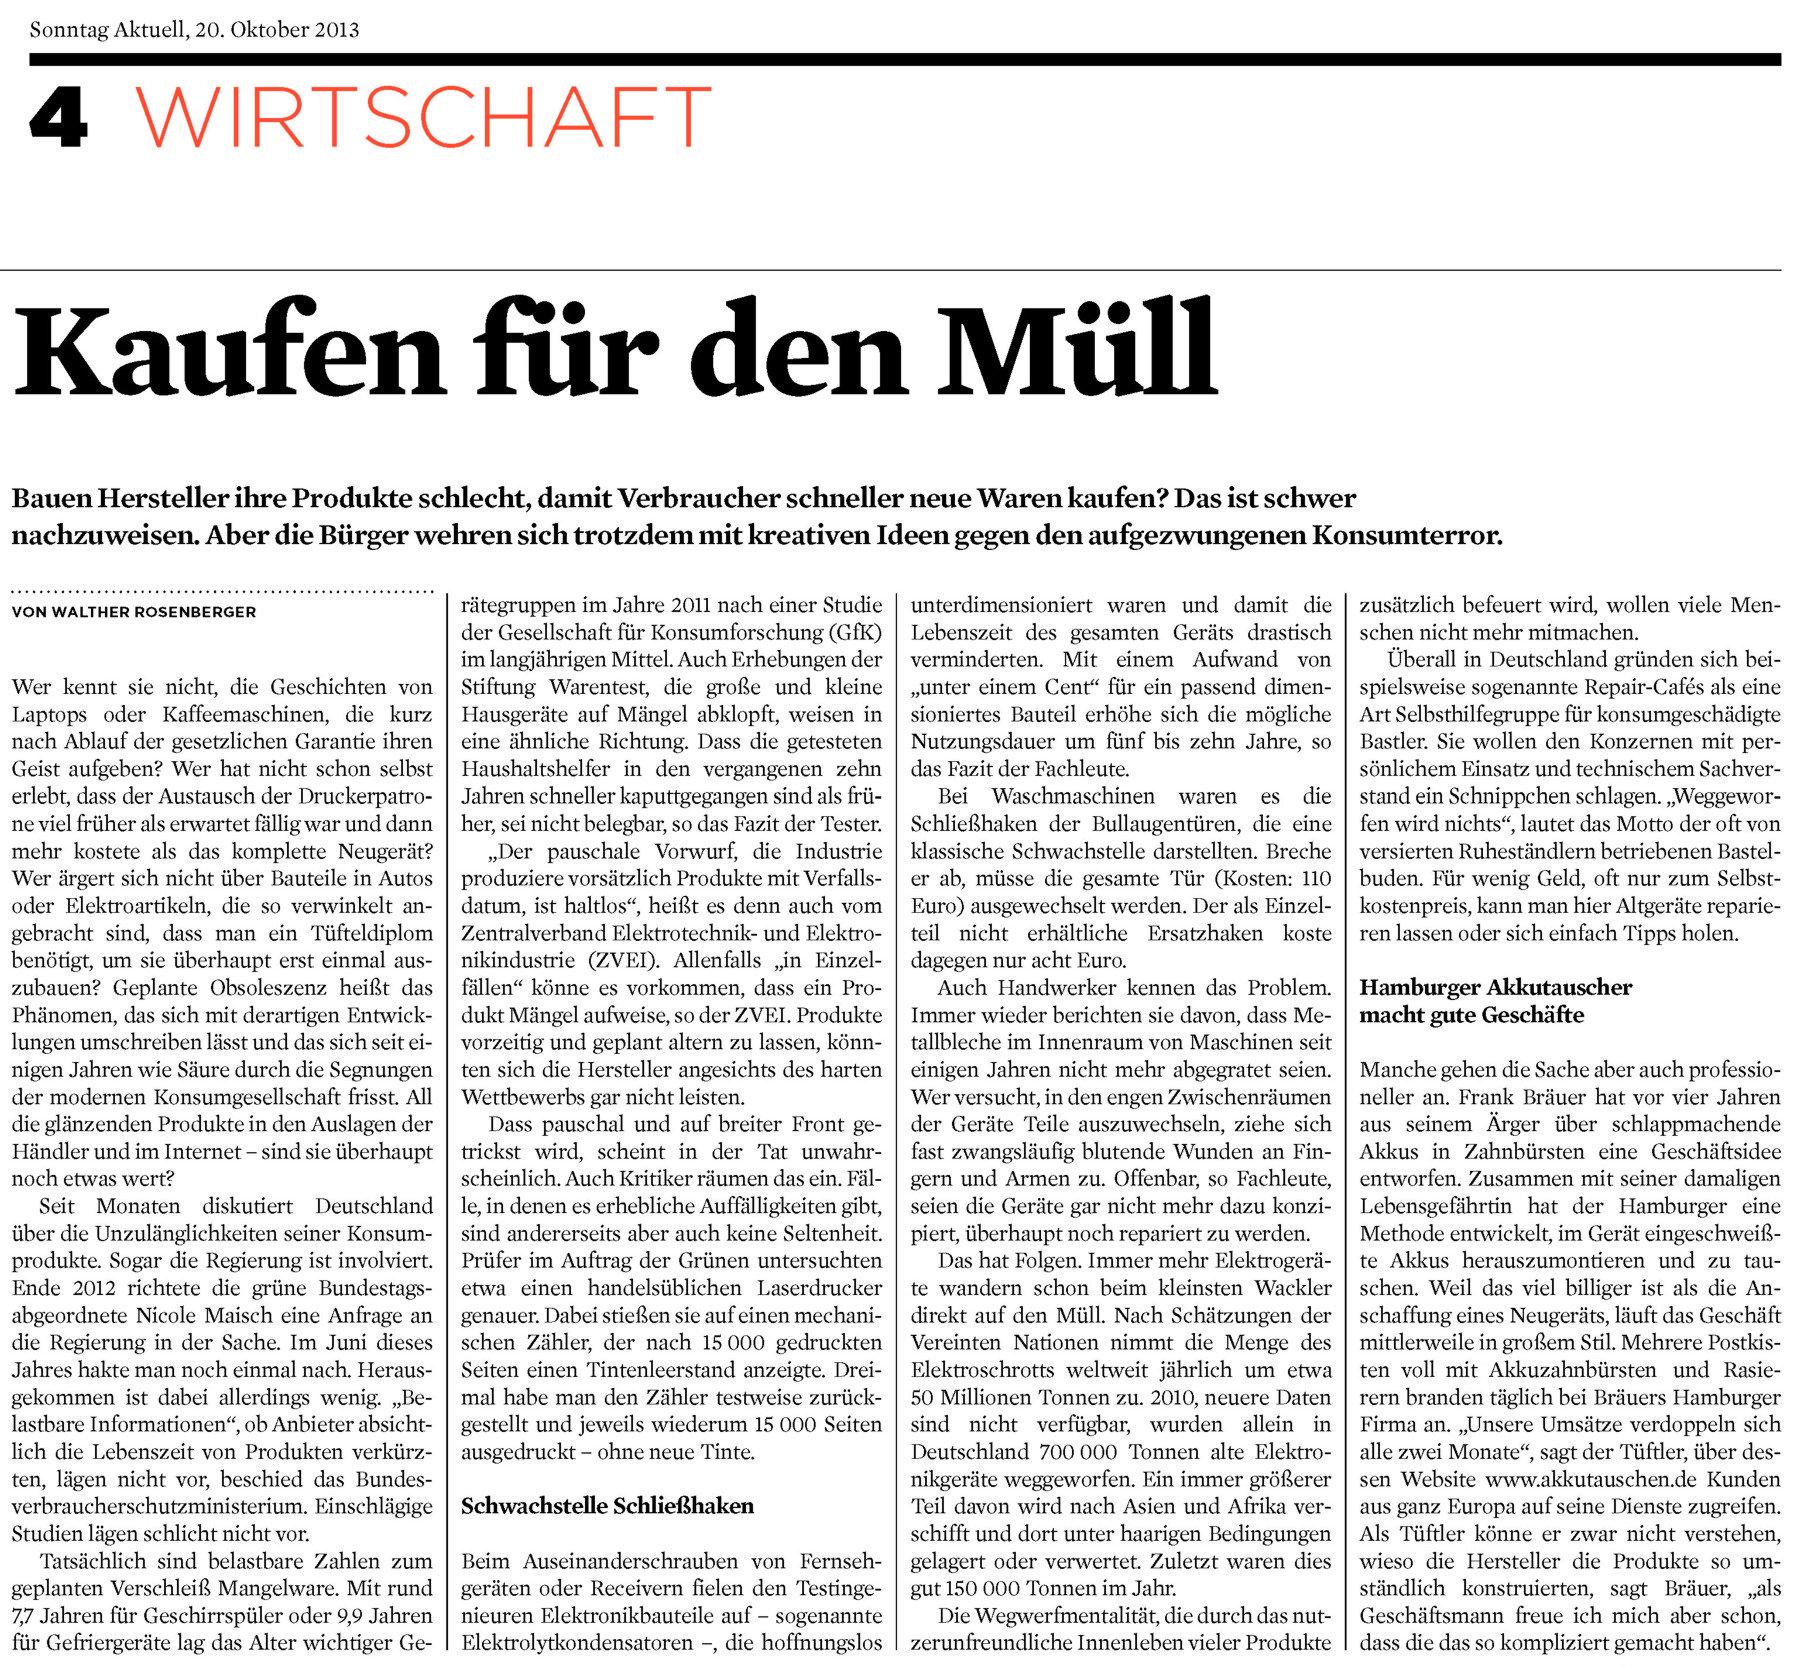 StuttgarterZeitung - Presse